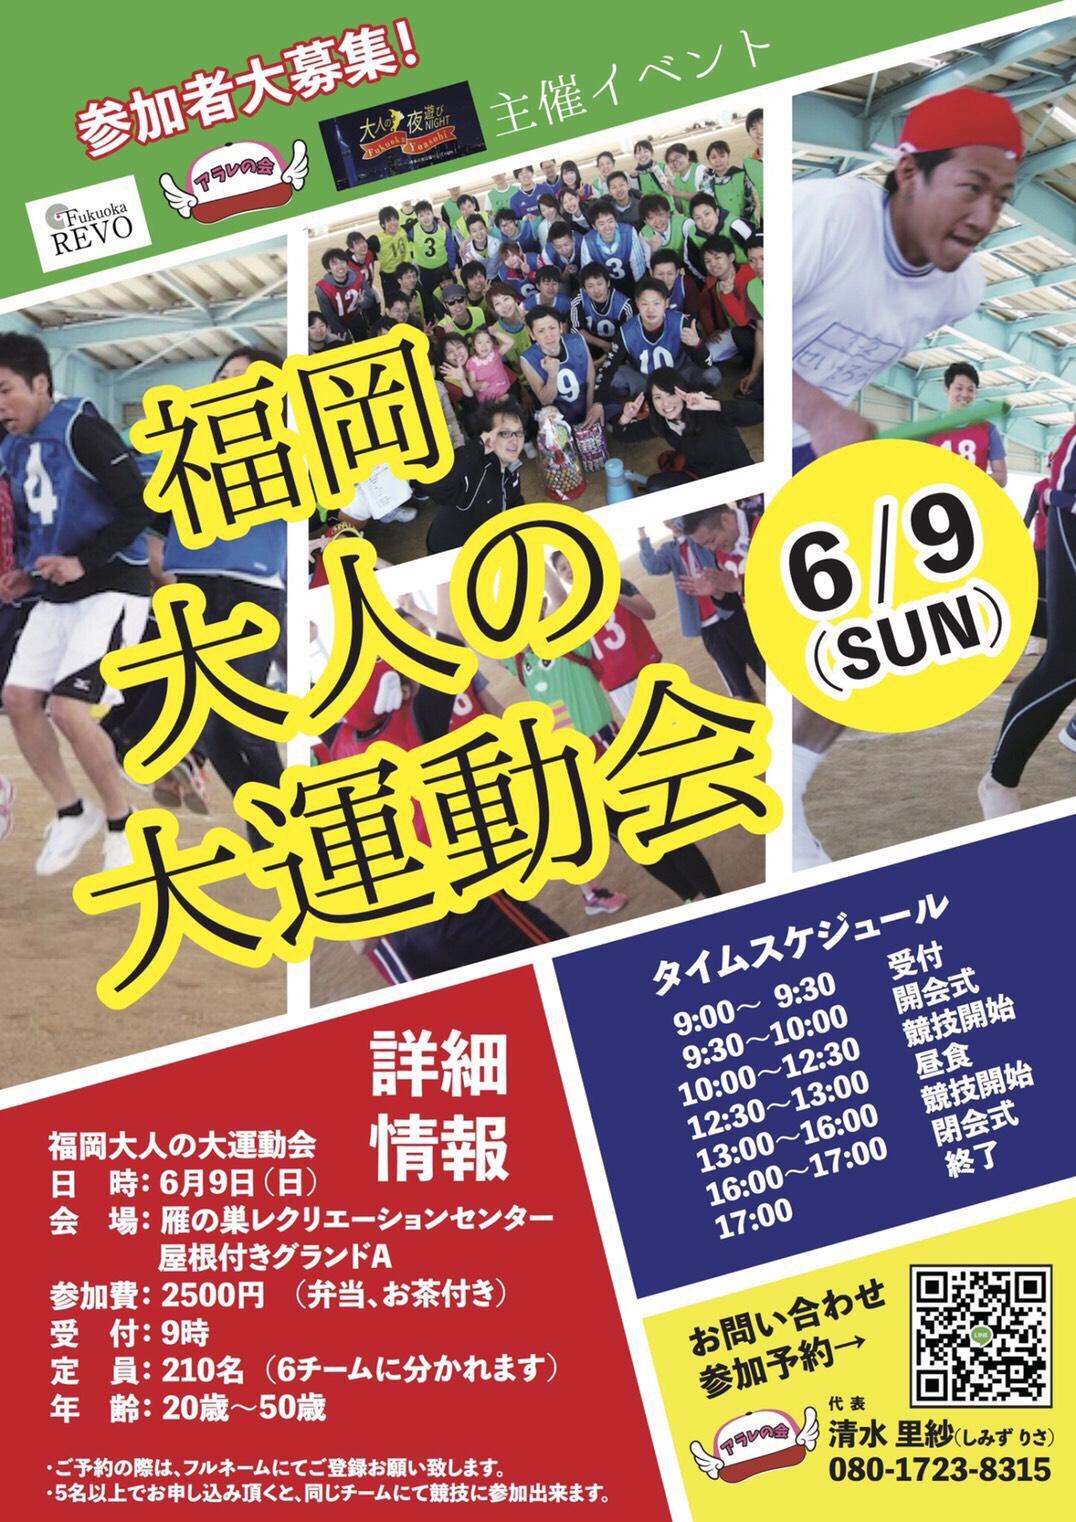 大人の大運動会福岡2019年